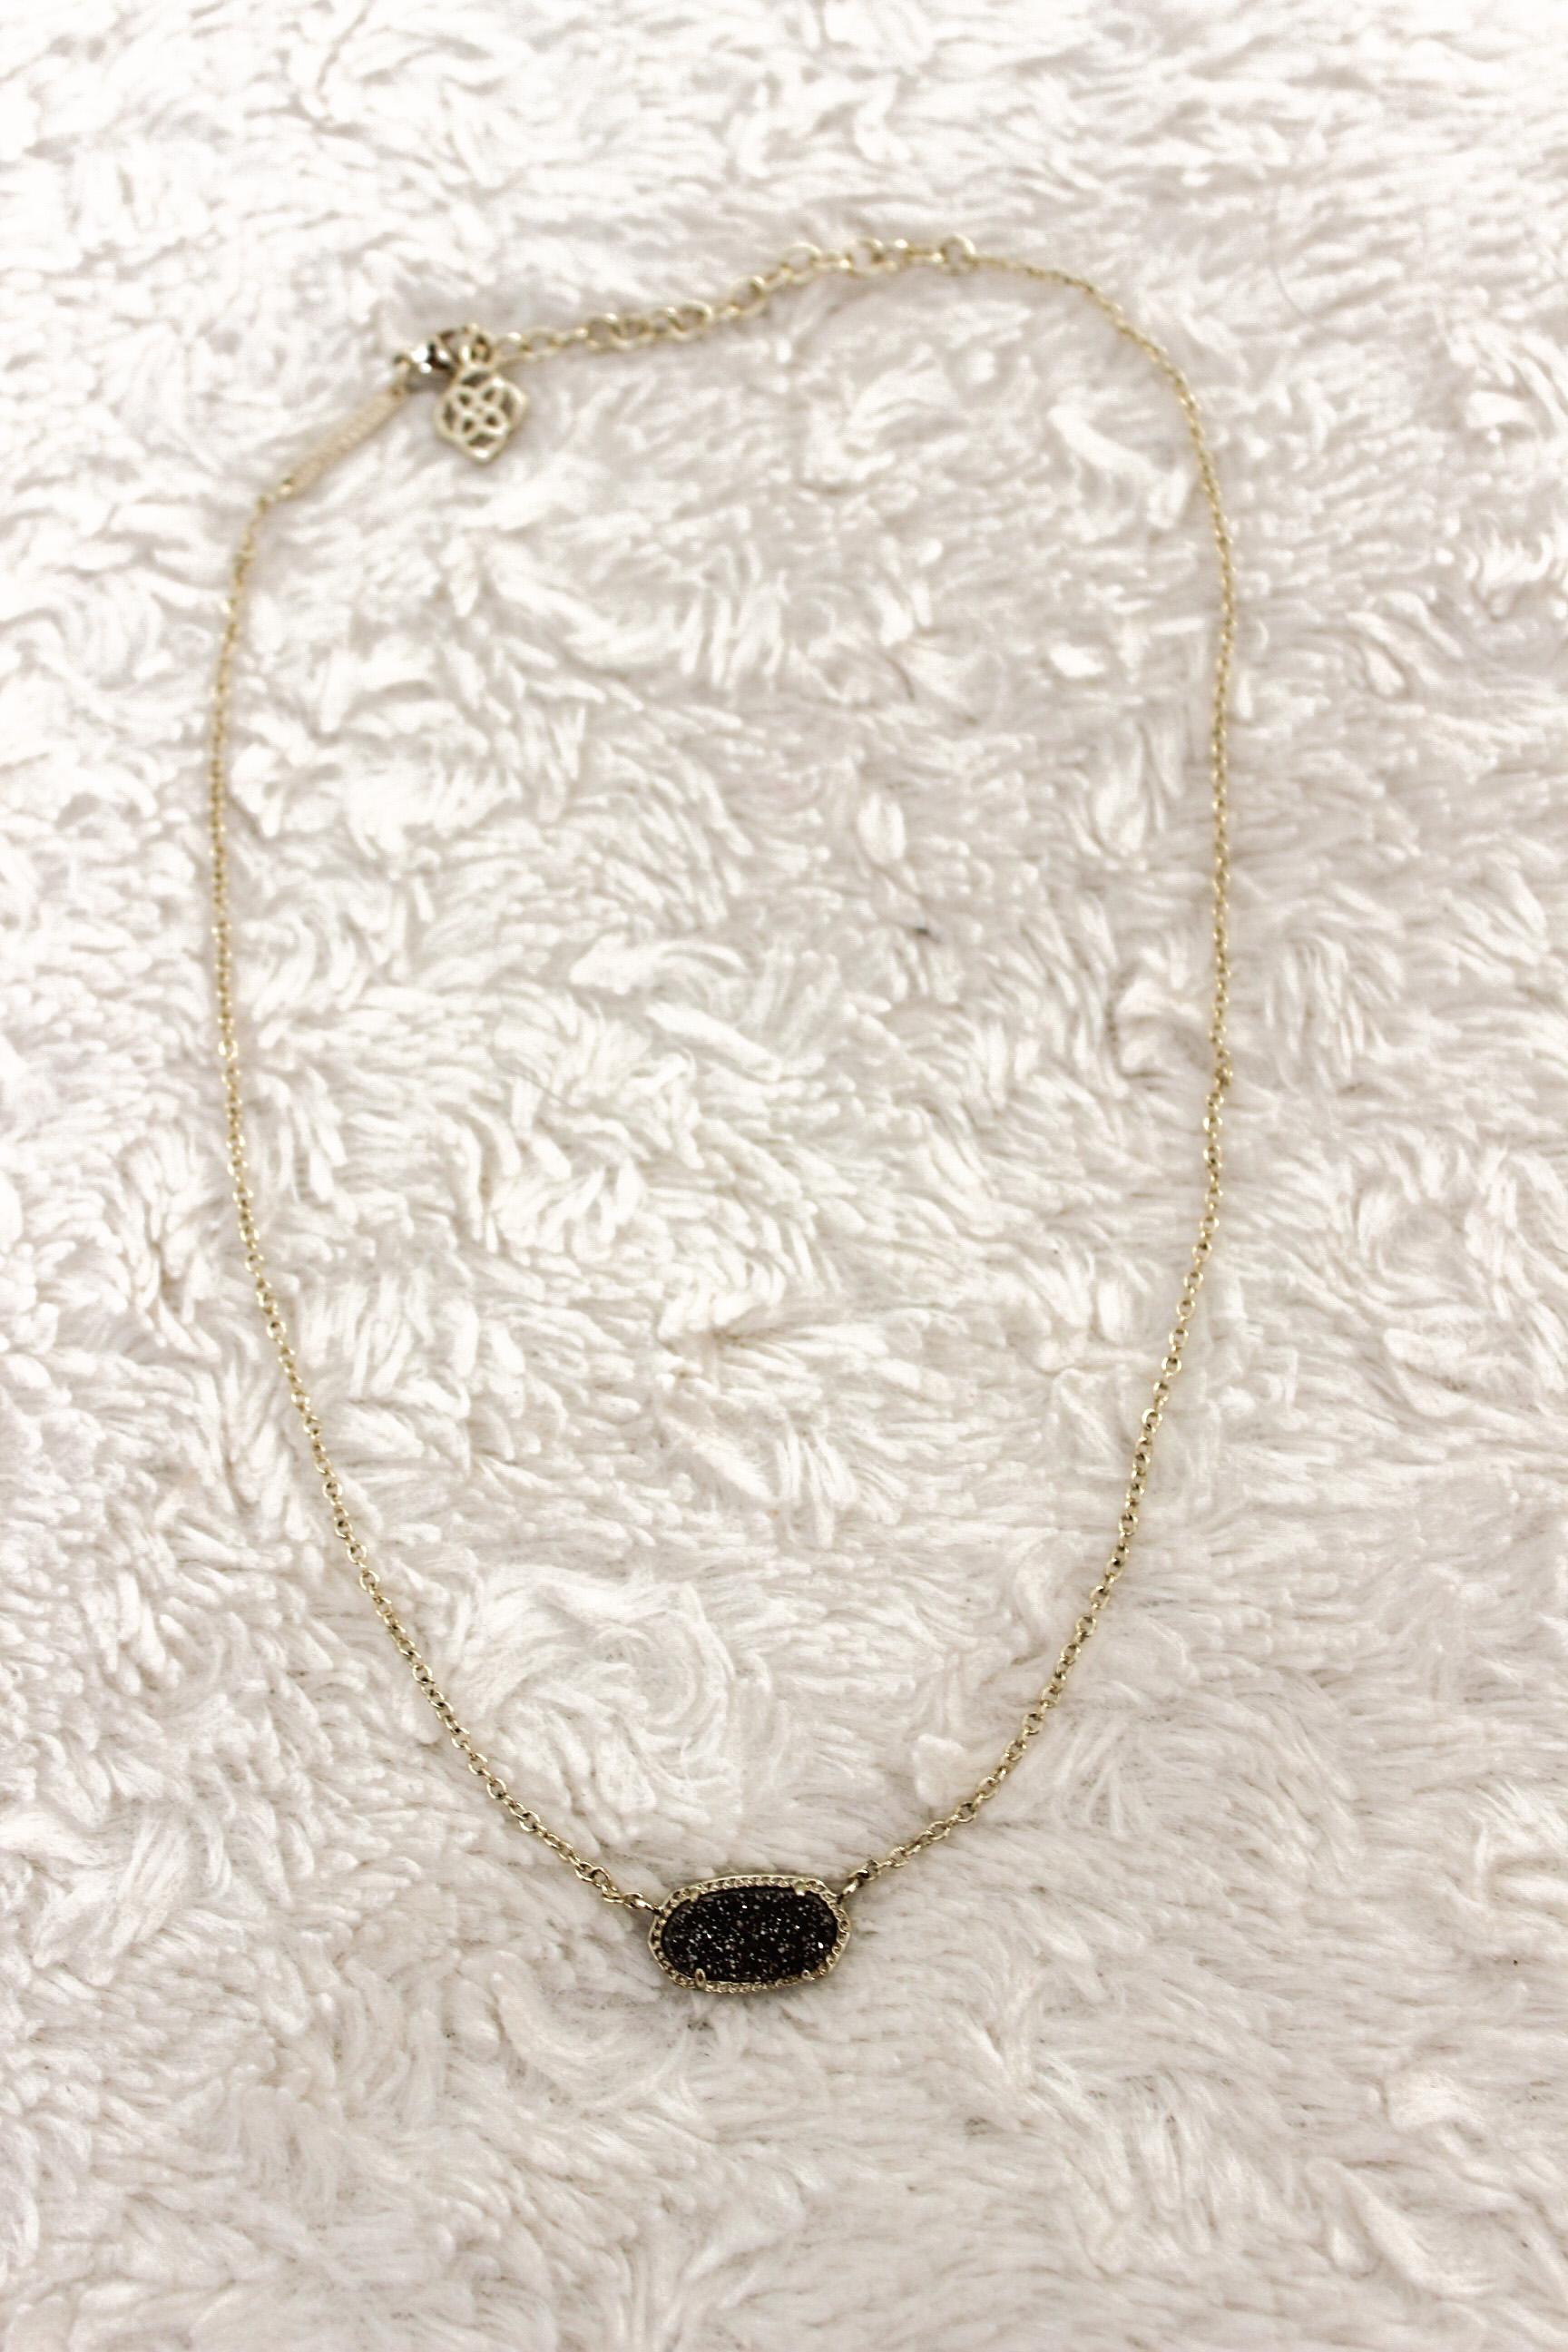 Kendra Scott Elisia necklace - Rocksbox